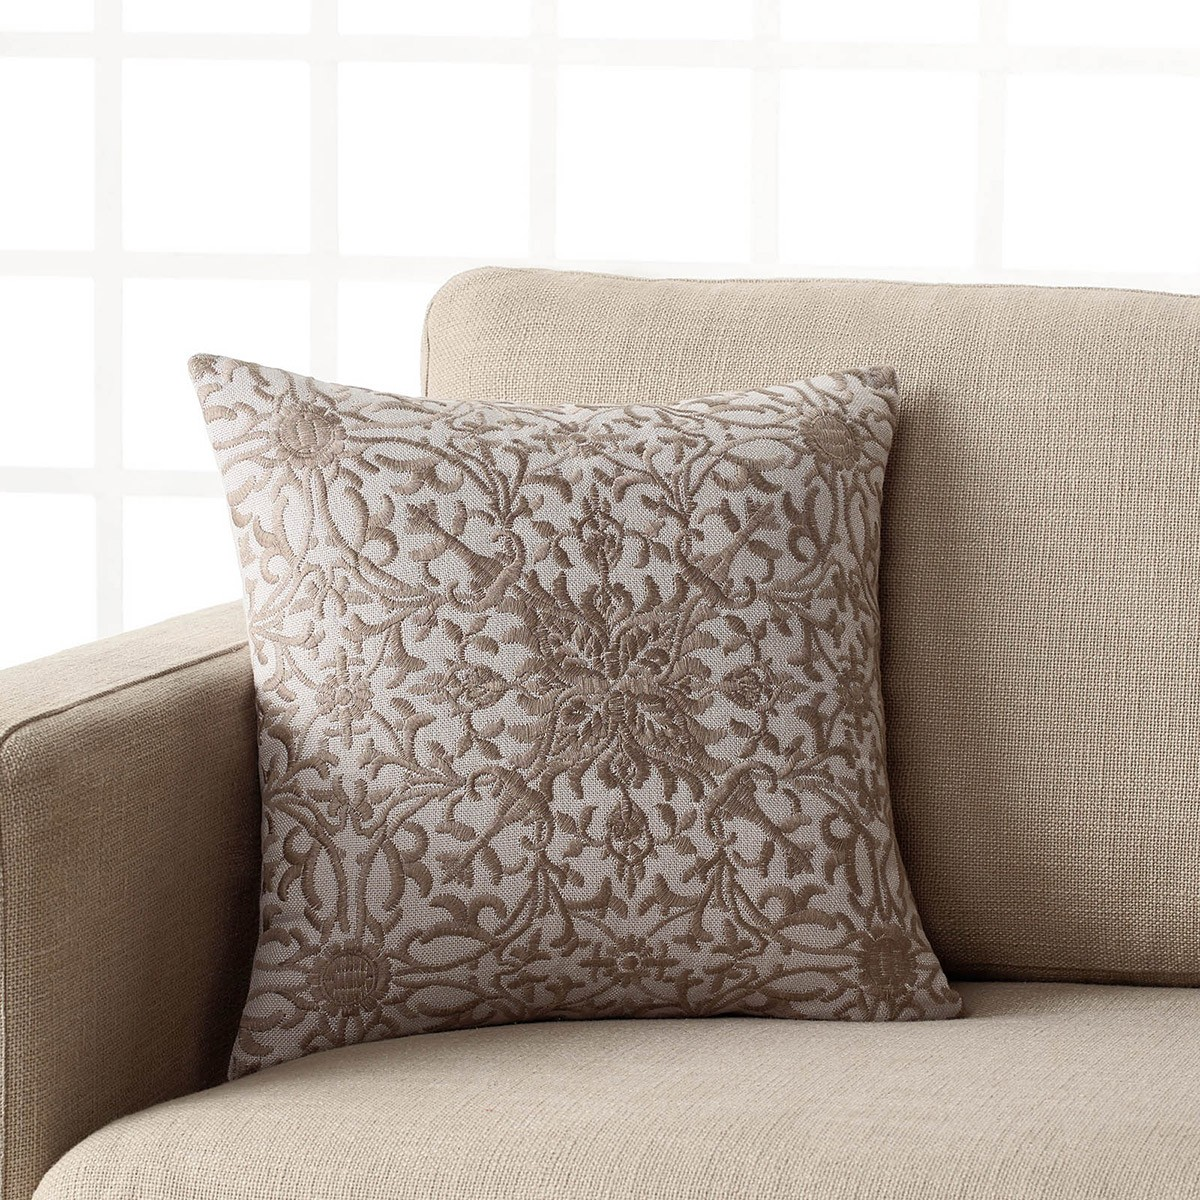 Διακοσμητική Μαξιλαροθήκη Gofis Home Ivy Grey 432/15